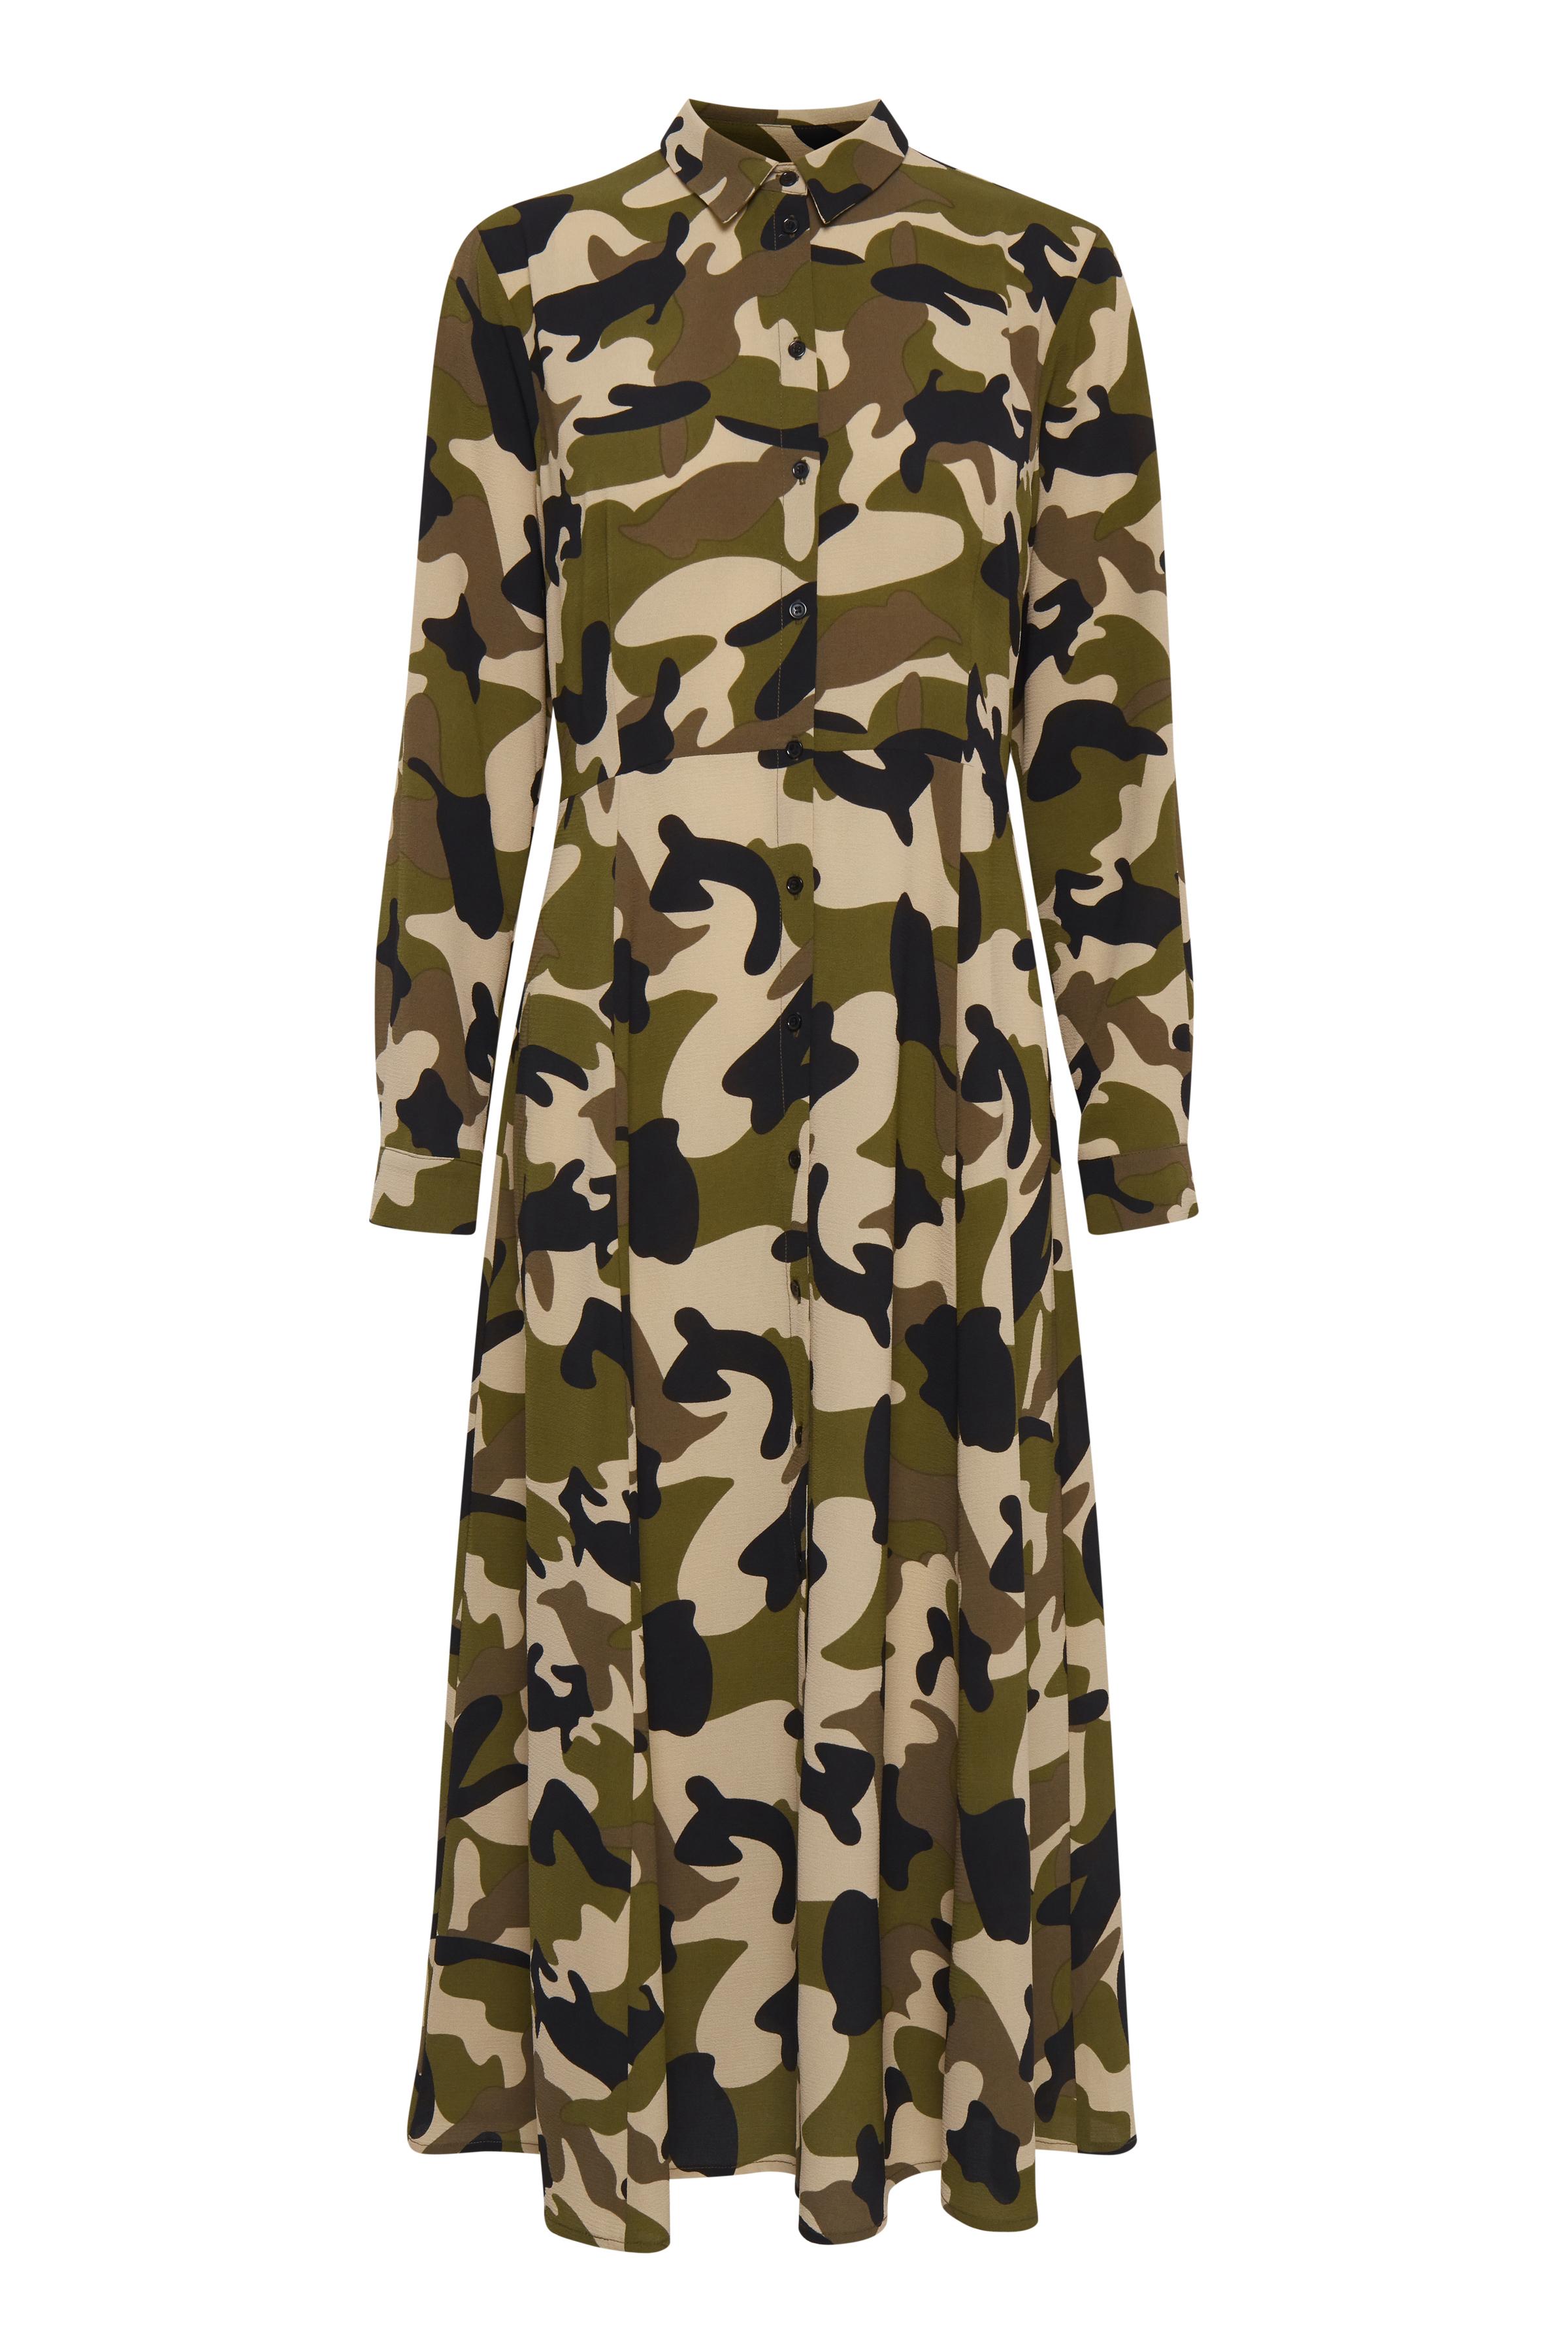 Camo combi 1 Kleid von b.young – Kaufen Sie Camo combi 1 Kleid aus Größe 34-42 hier